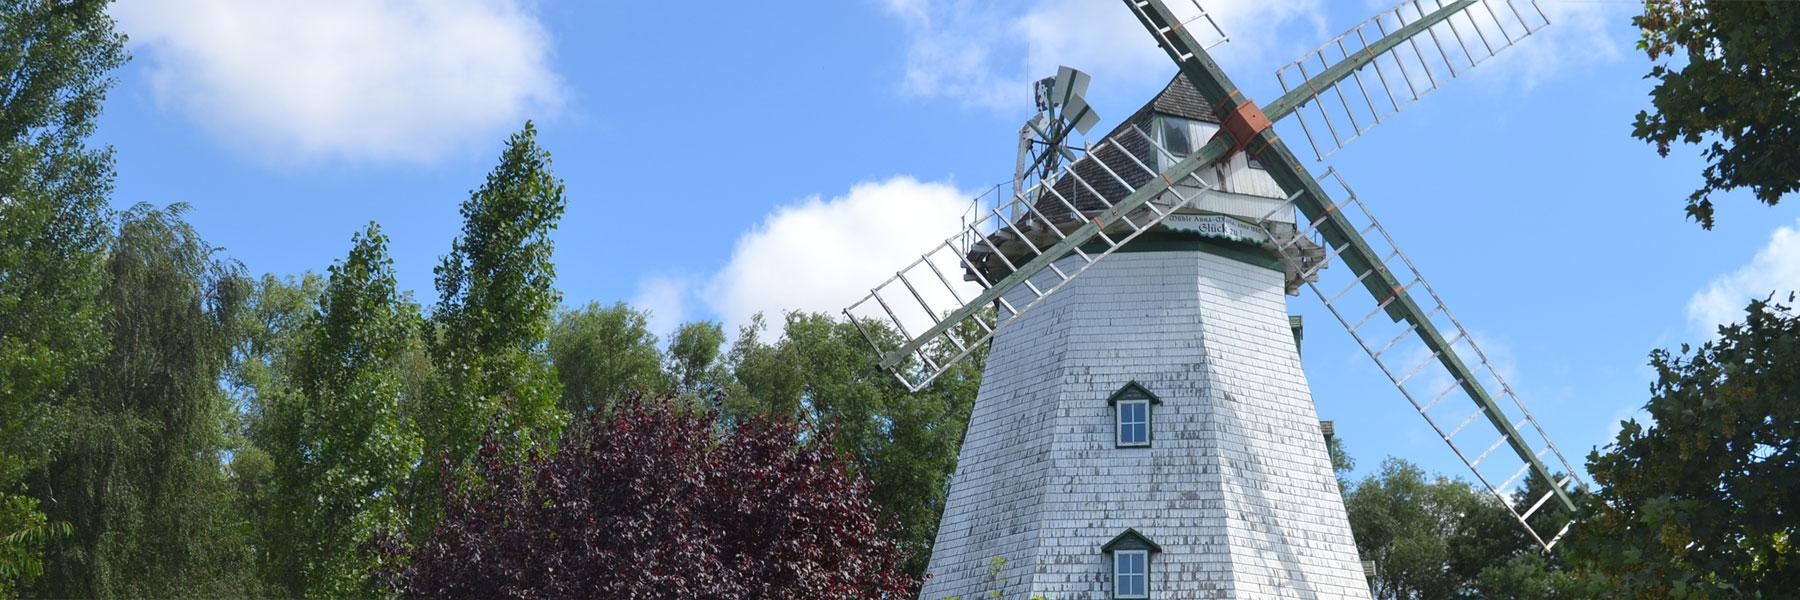 """Mühle - Dierkower Mühle """"Zum Holländer"""""""